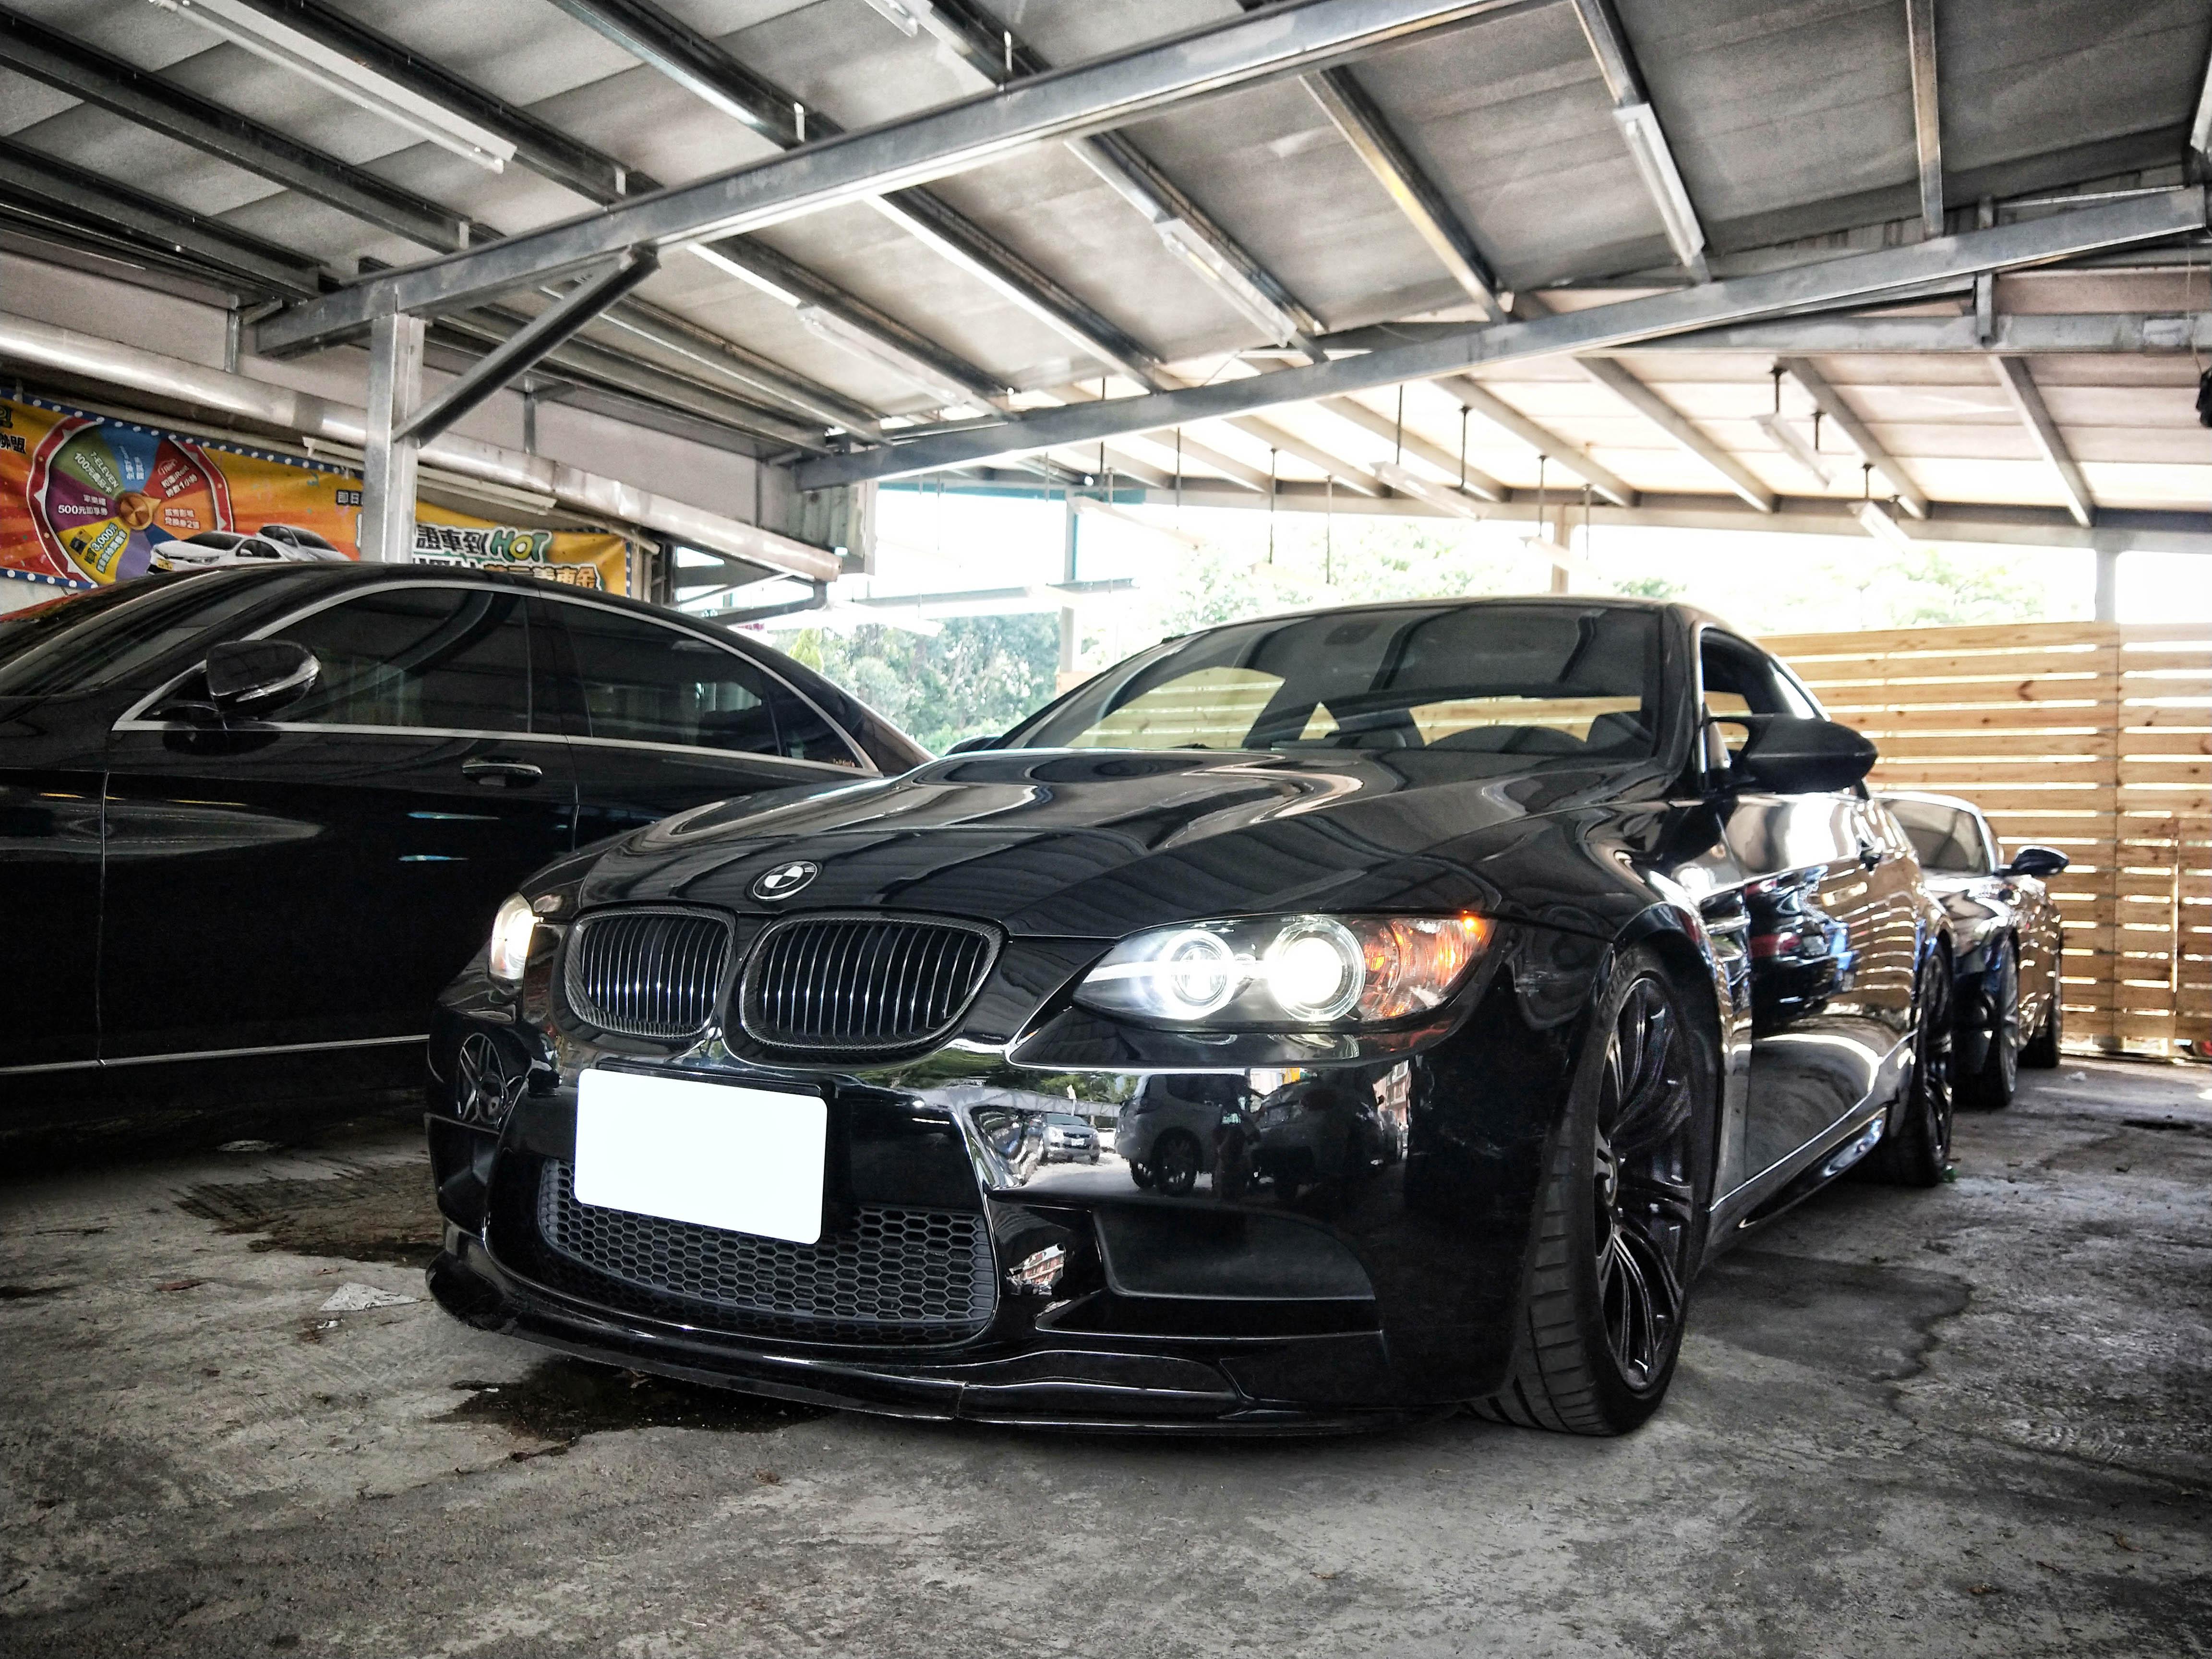 2009 BMW 寶馬 M3